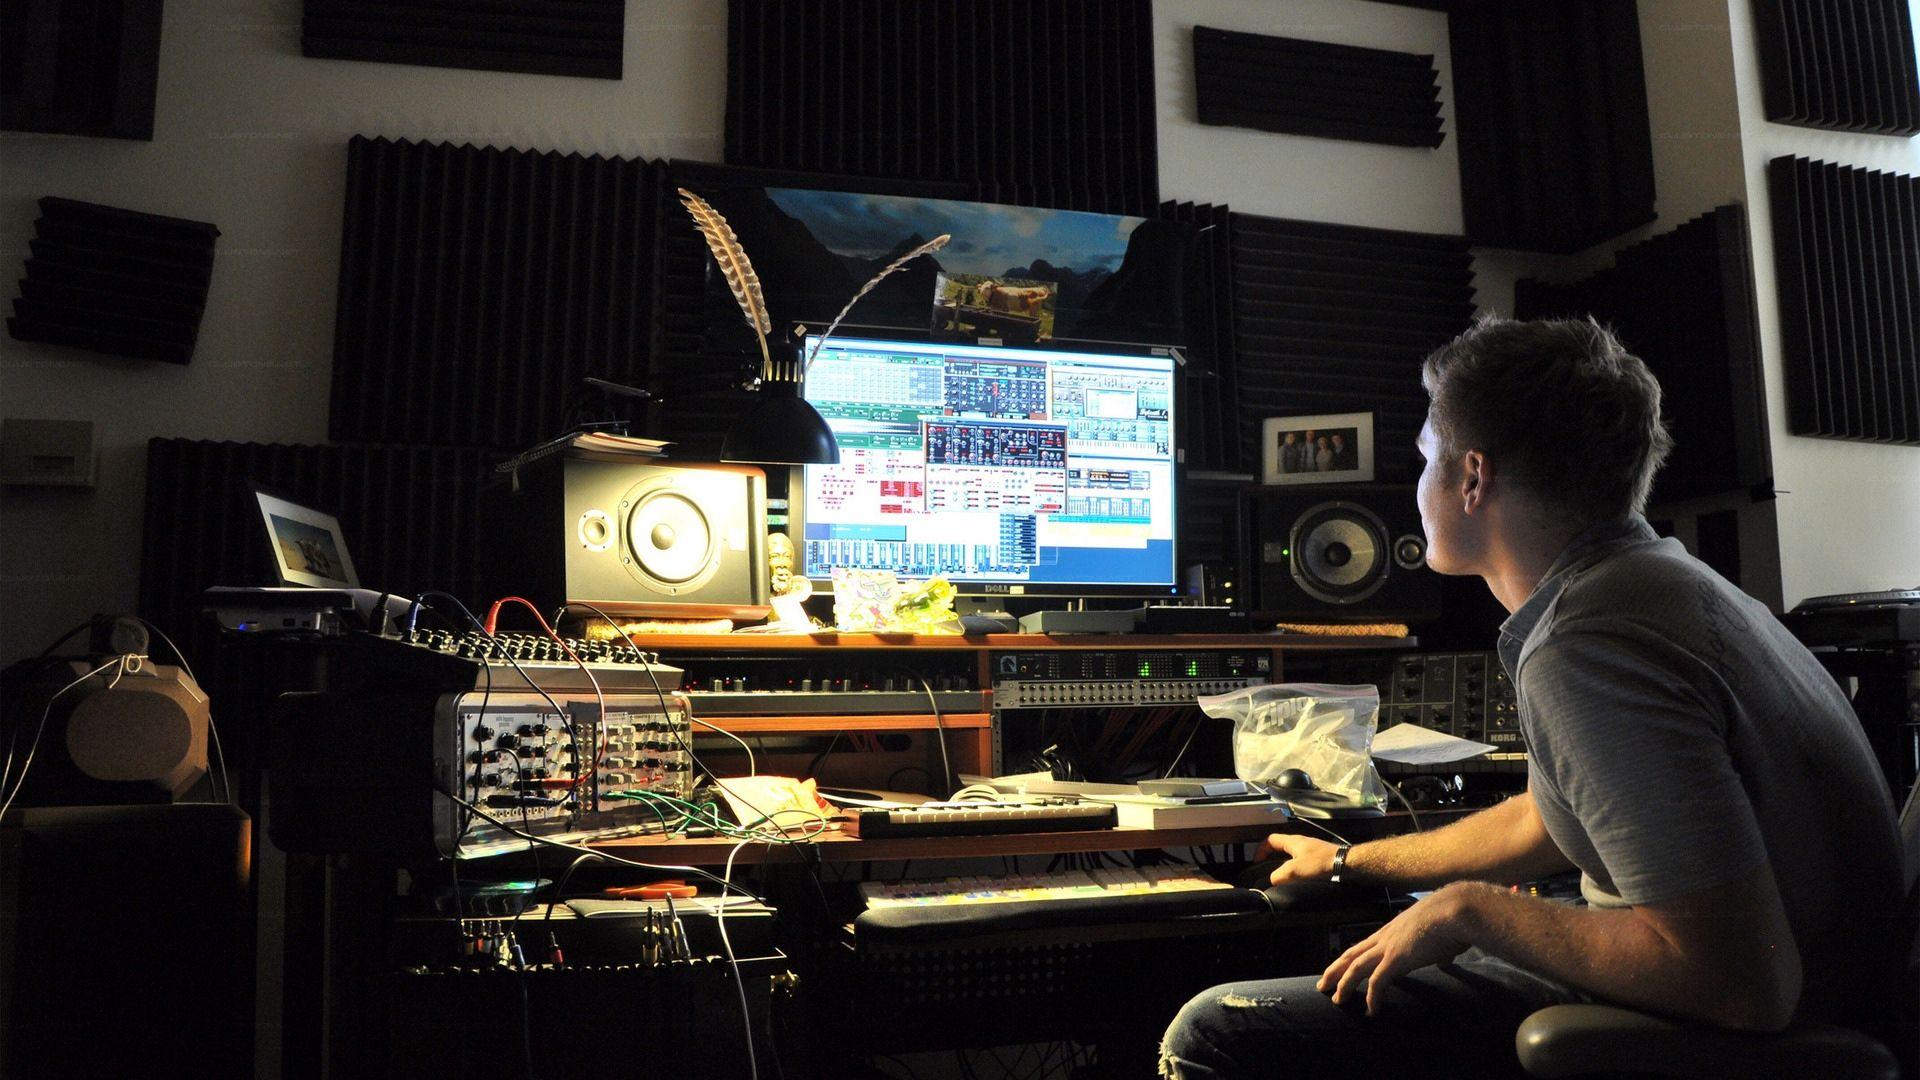 Recording Studio hd wallpaper 1080p for pc